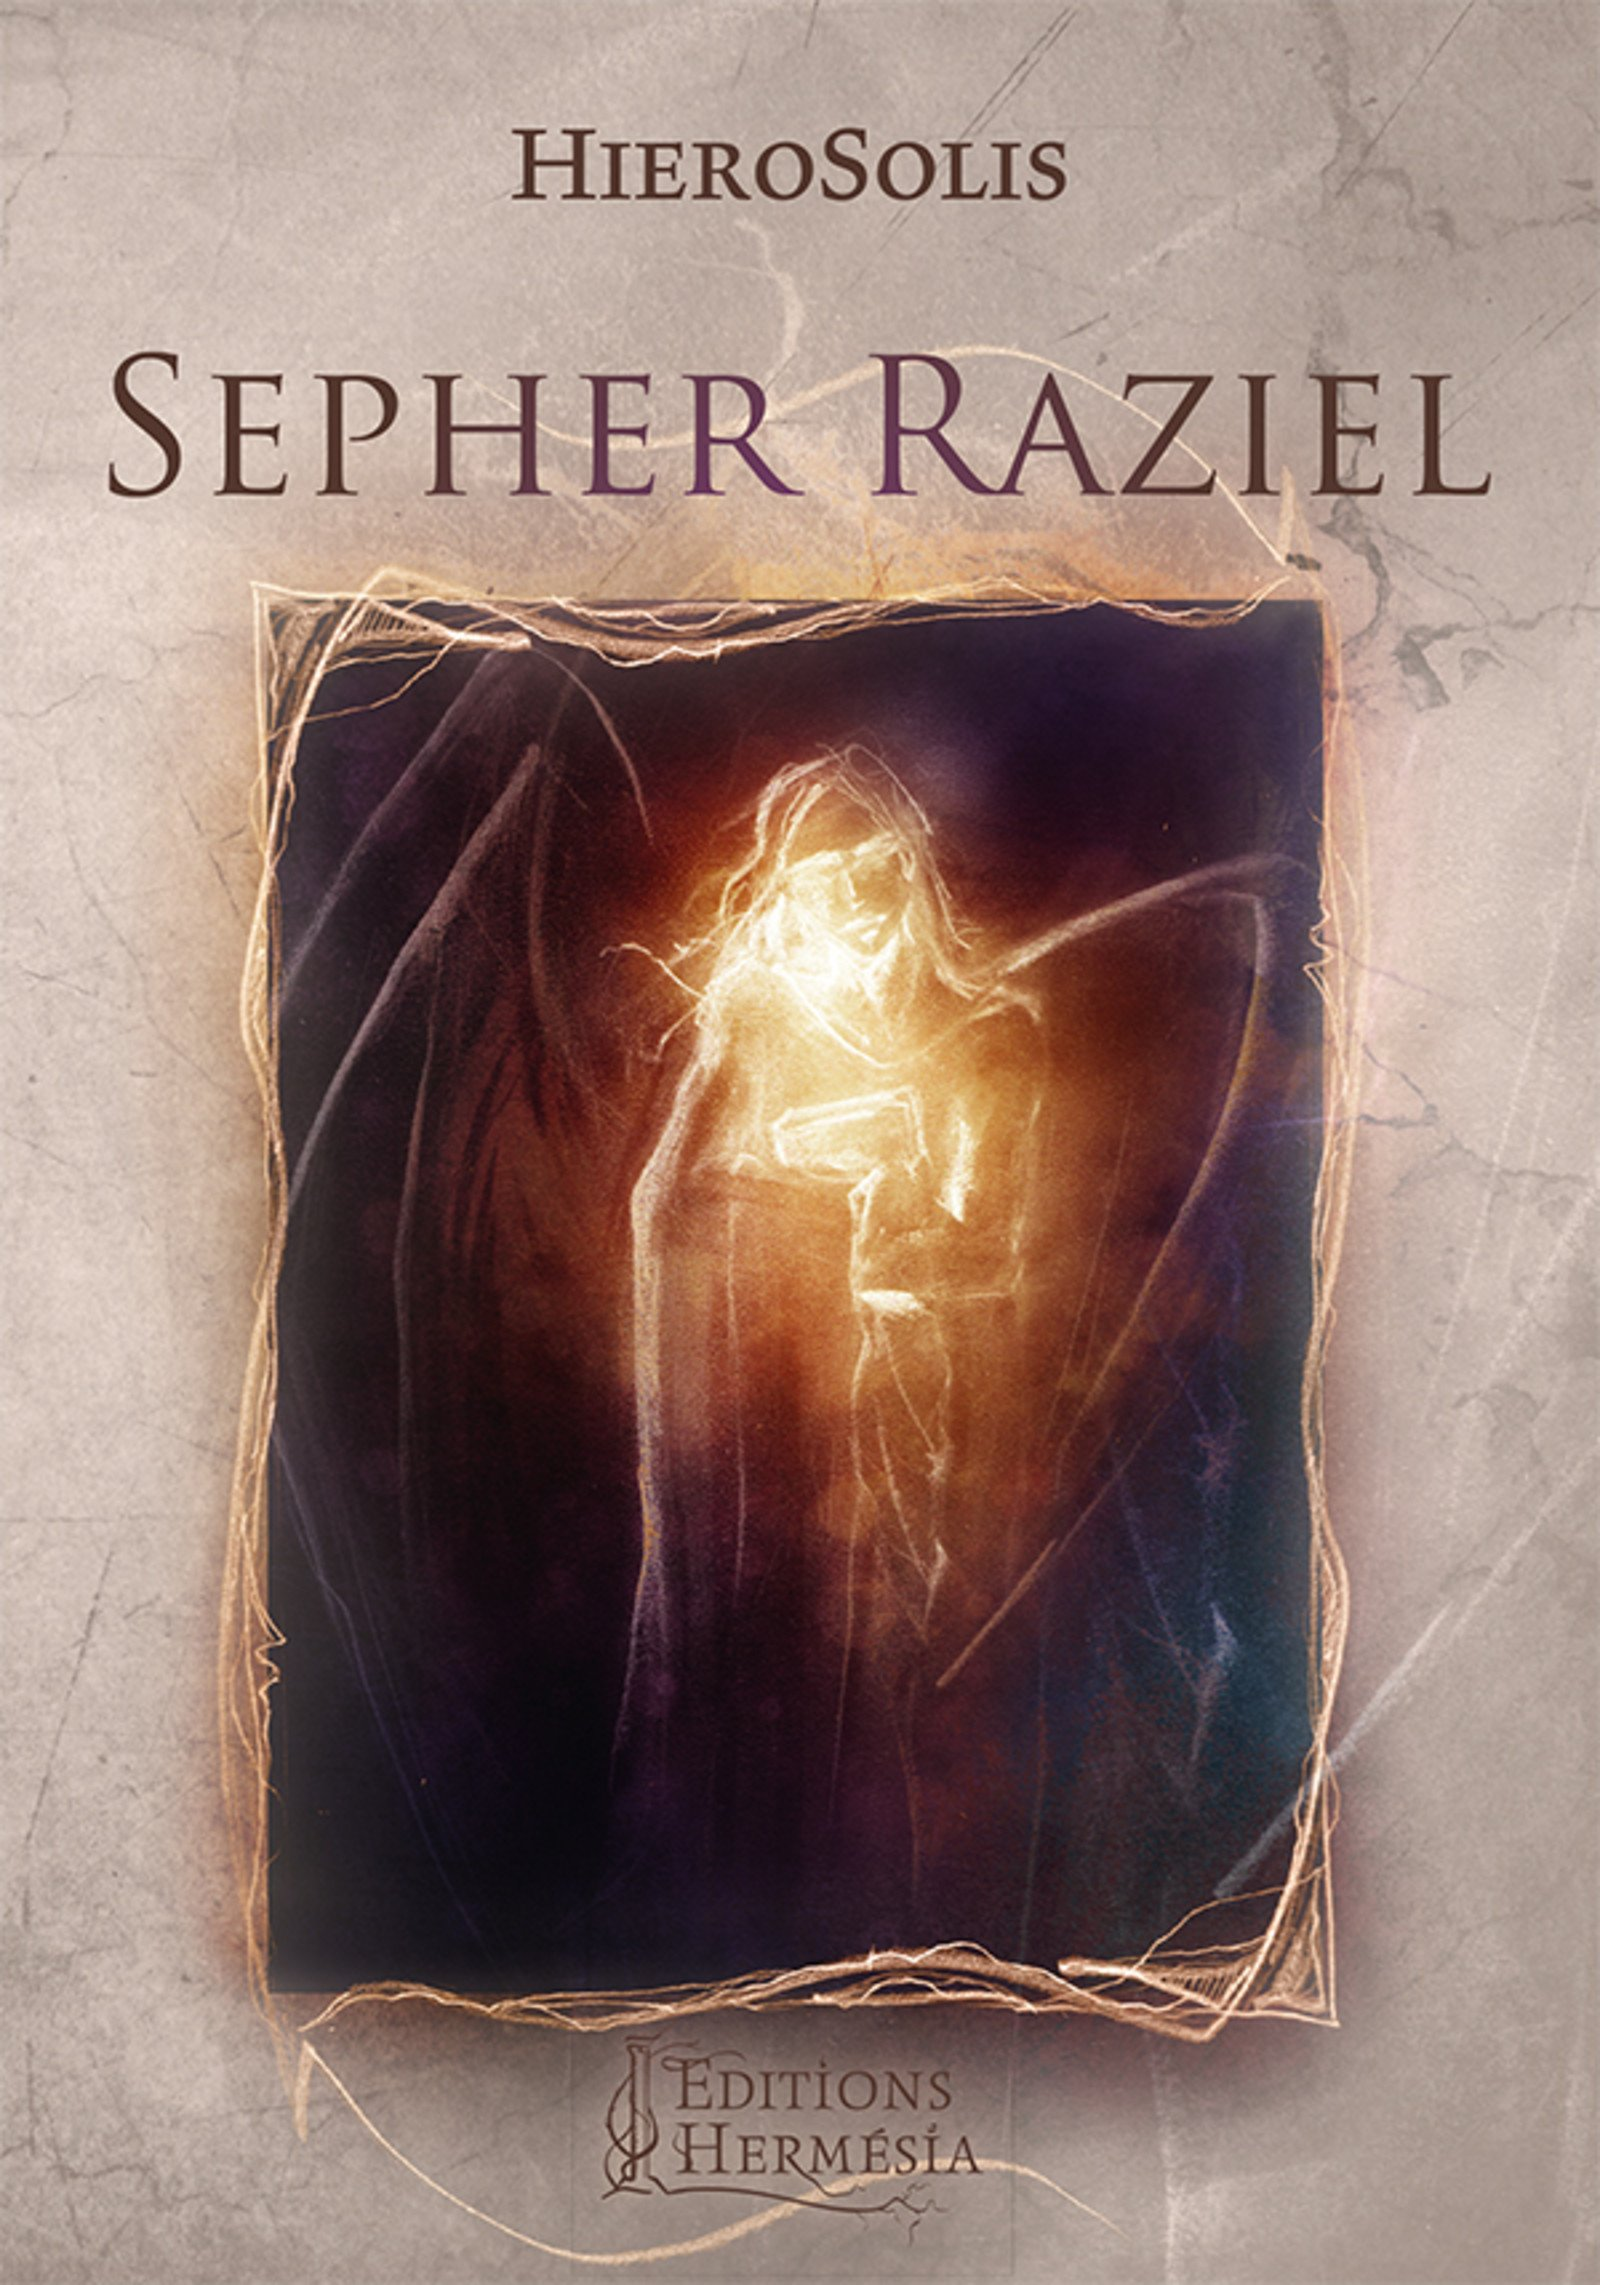 Sépher Raziel: Le Livre de l'Archange Raziel Broché – 19 janvier 2017 HieroSolis Editions Hermésia B01LX9GZB8 Anges/archanges